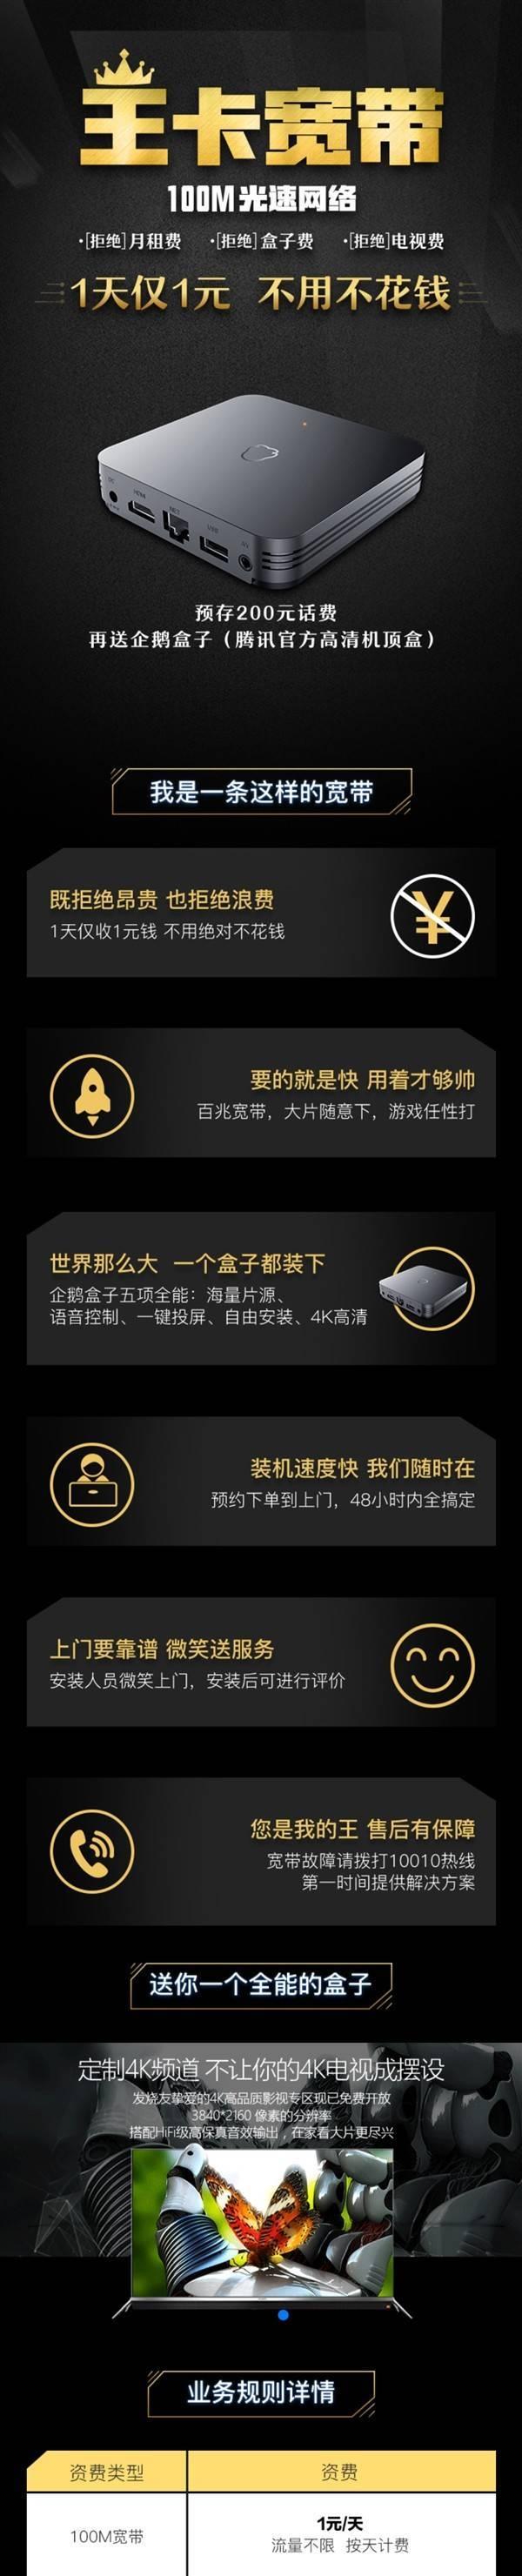 腾讯王卡宽带推出:联通100兆/1元1天